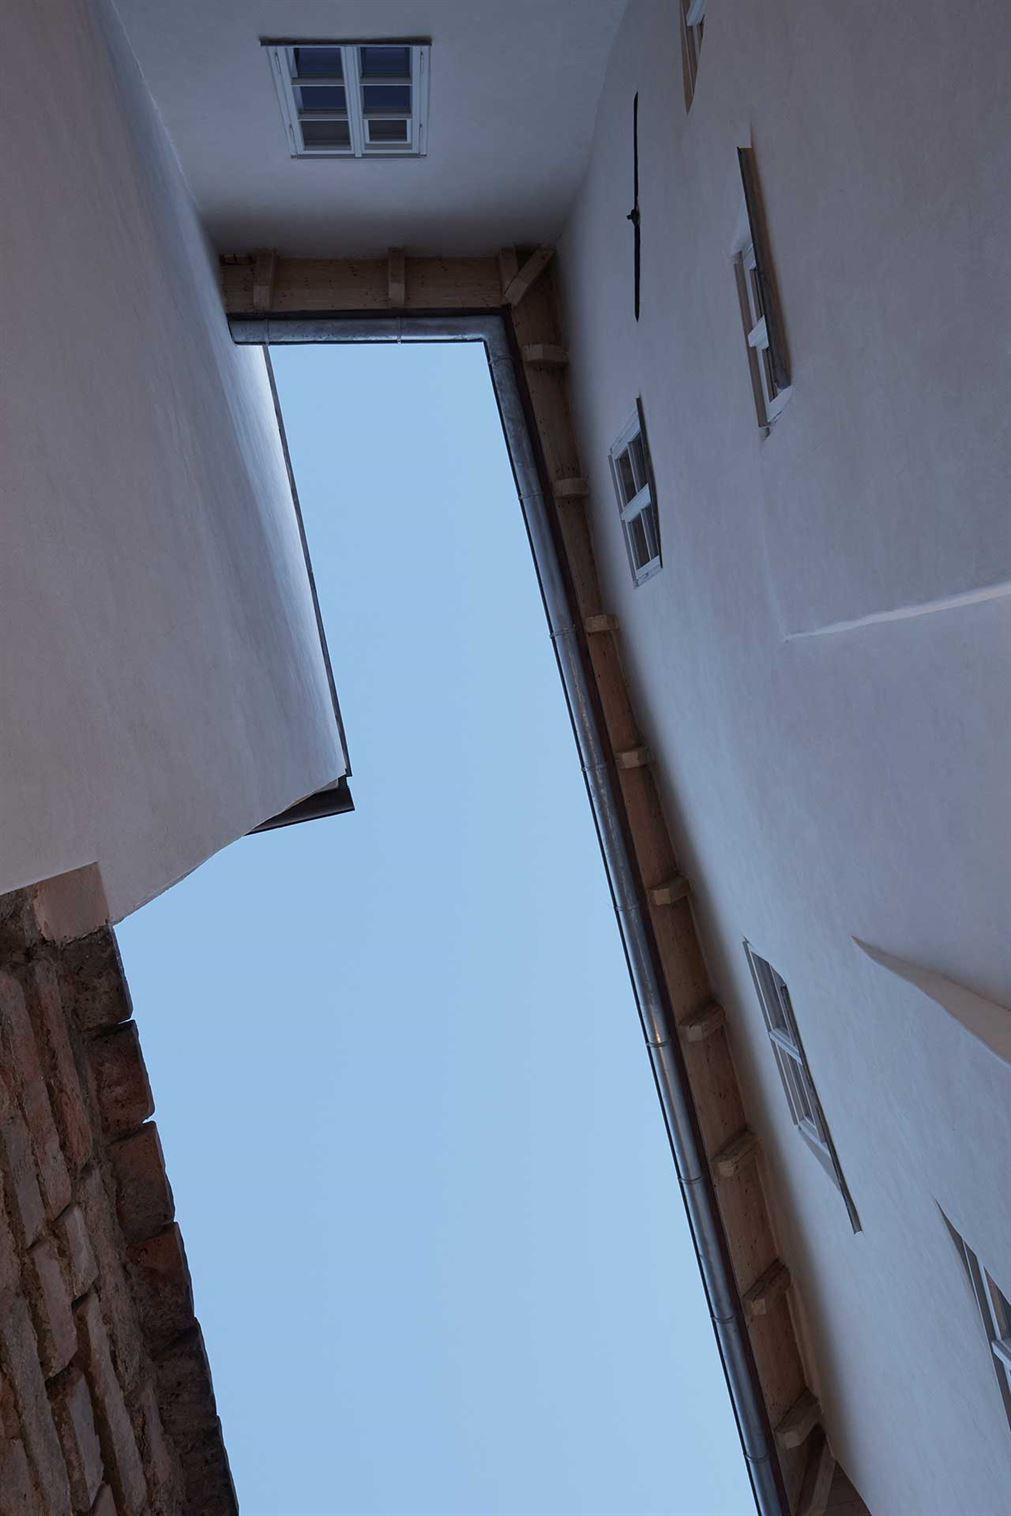 s2_stajnhaus_mikulov_nikolsburg_czech_republic_by_ora_photo_boysplaynice_yatzer